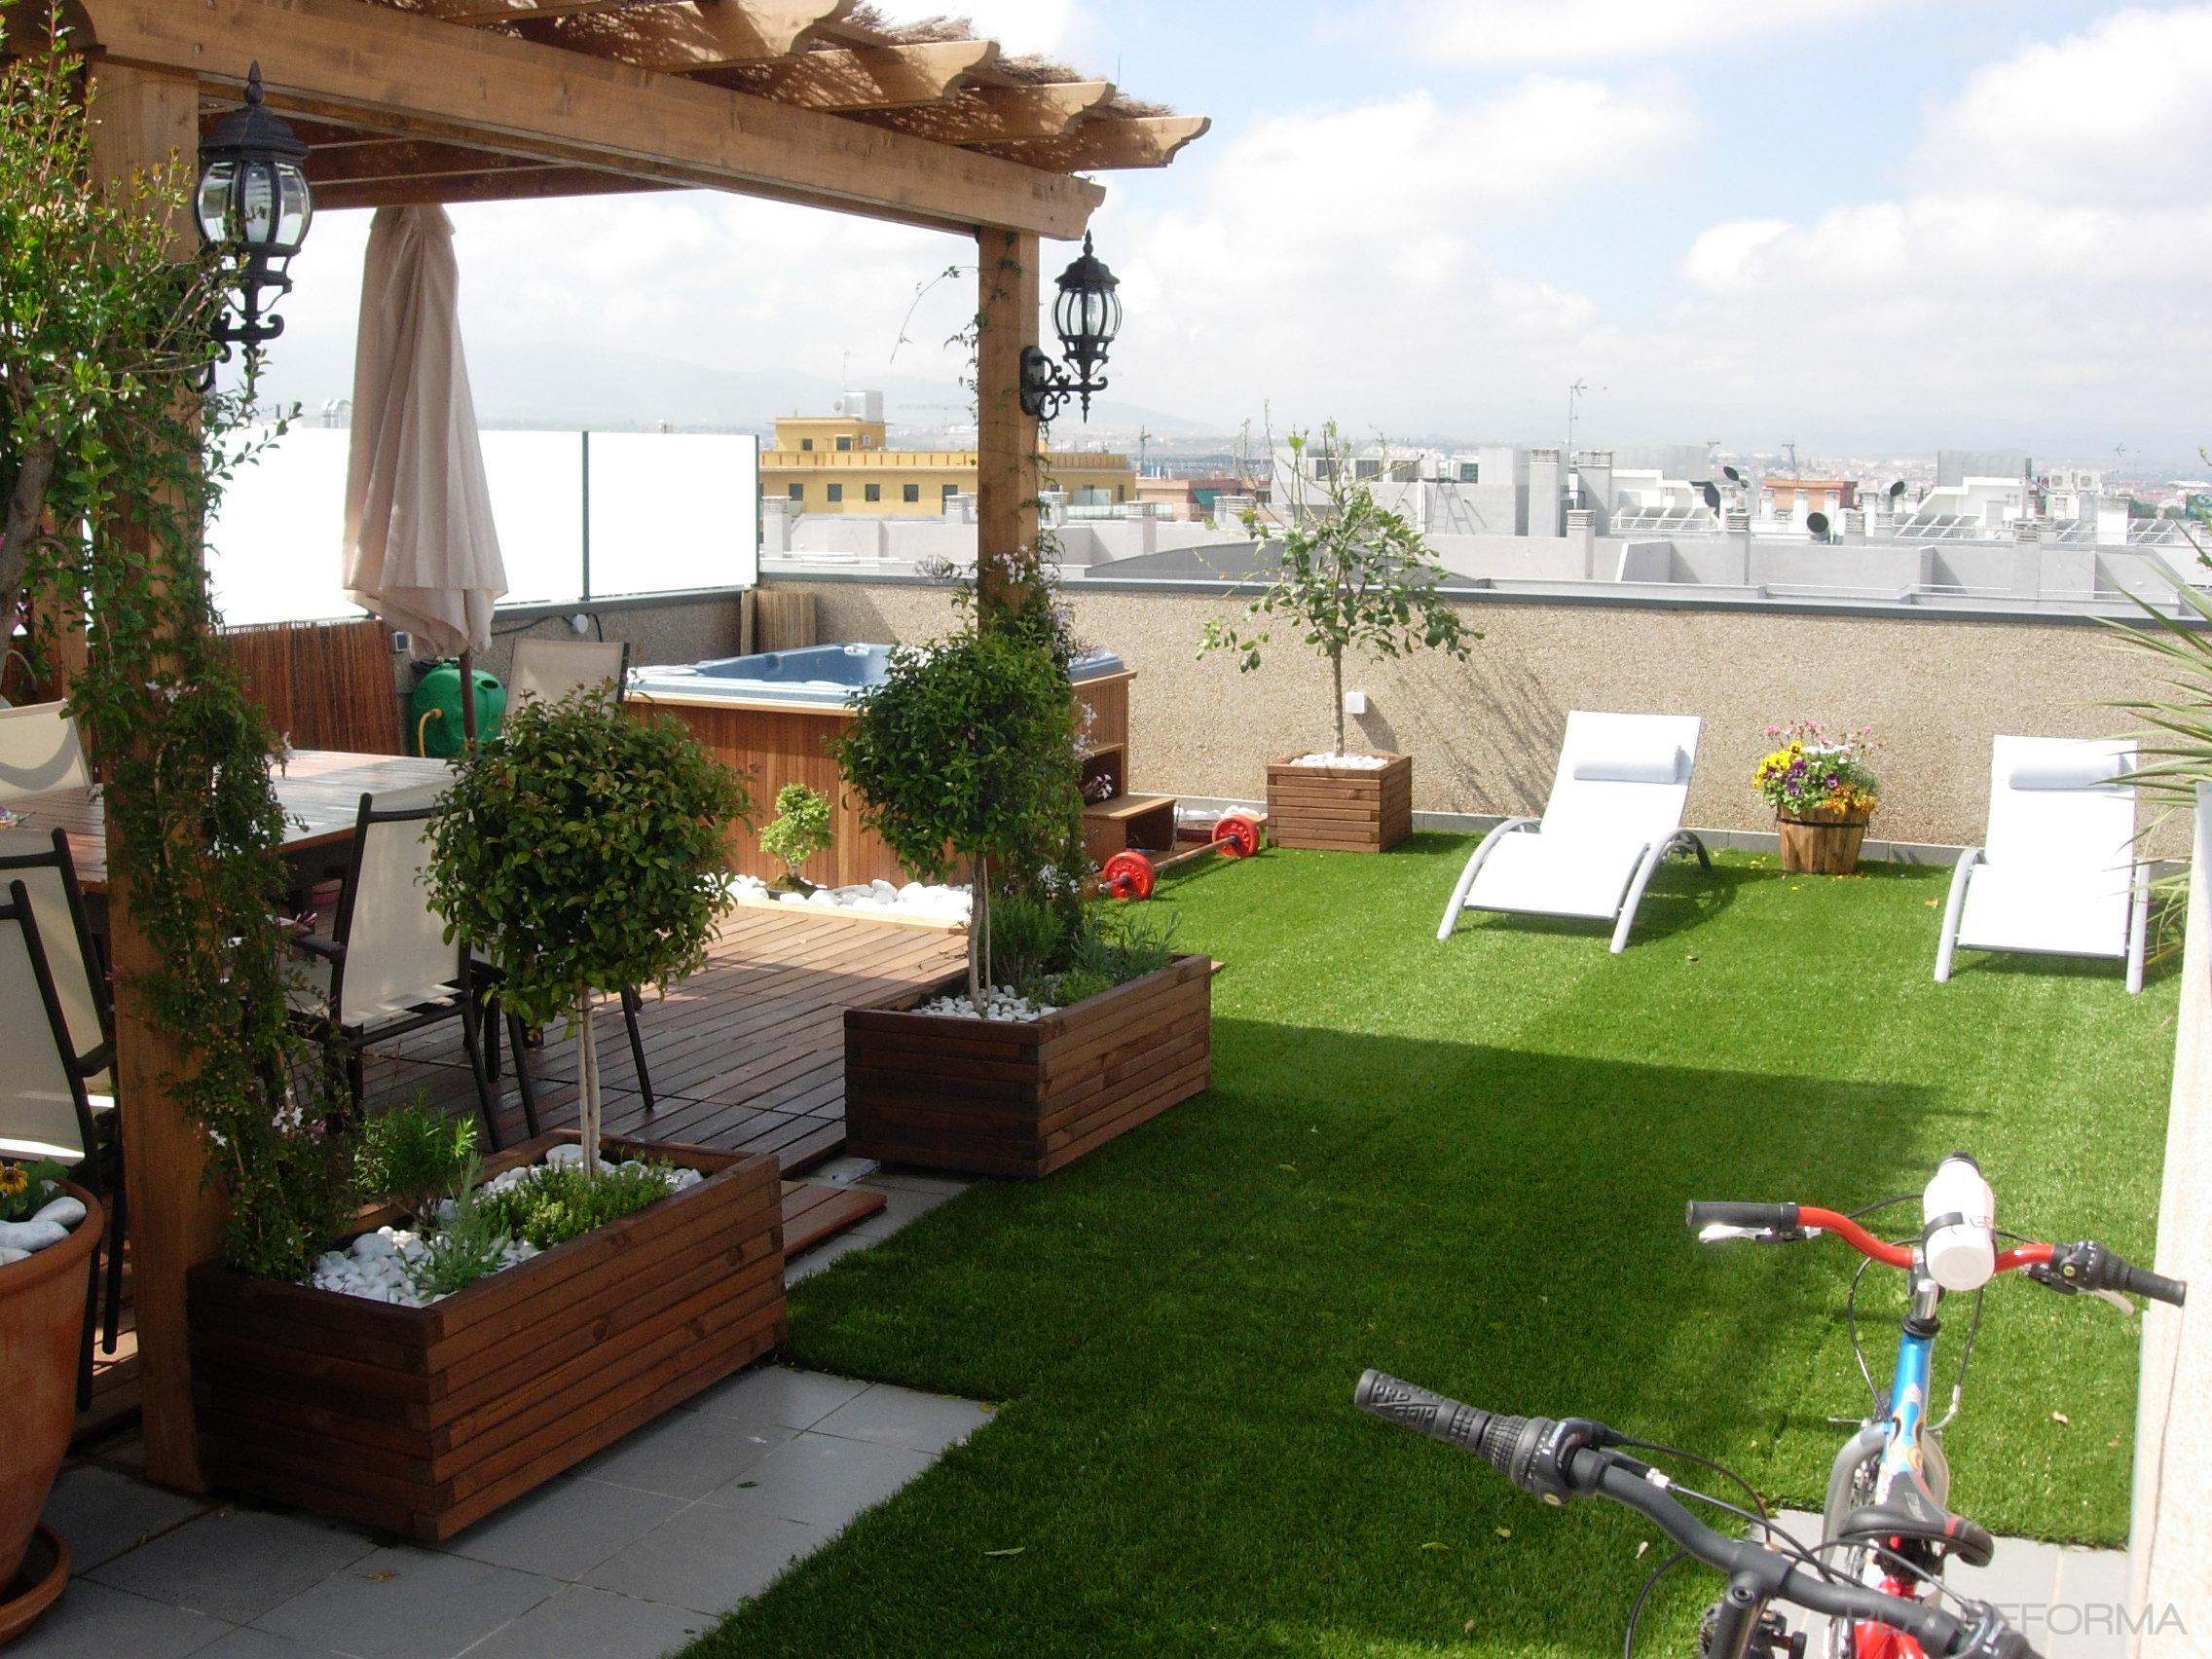 Terraza exterior jardin style mediterraneo color verde for Ideas para decorar una terraza exterior